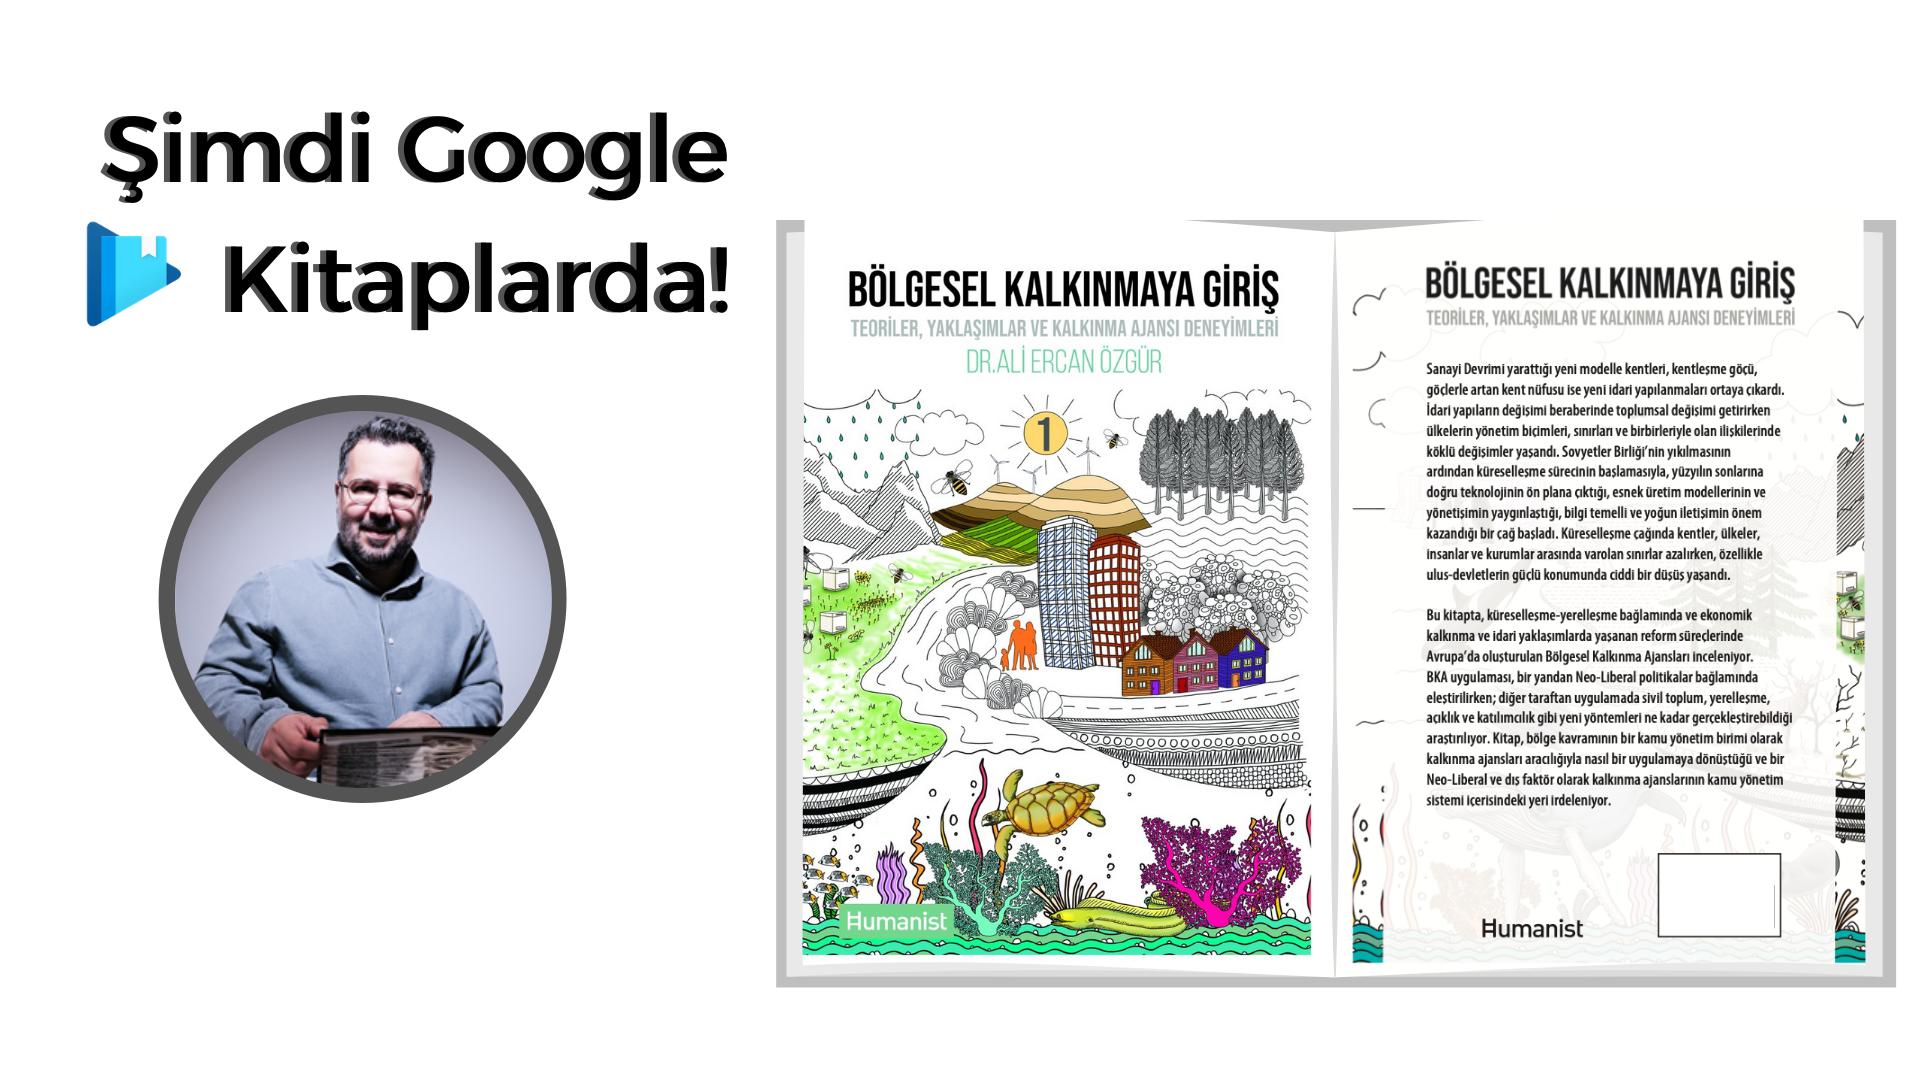 """""""Bölgesel Kalkınmaya Giriş: Teoriler, Yaklaşımlar ve Kalkınma Ajansı Deneyimleri"""" kitabı şimdi Google Kitaplarda!"""